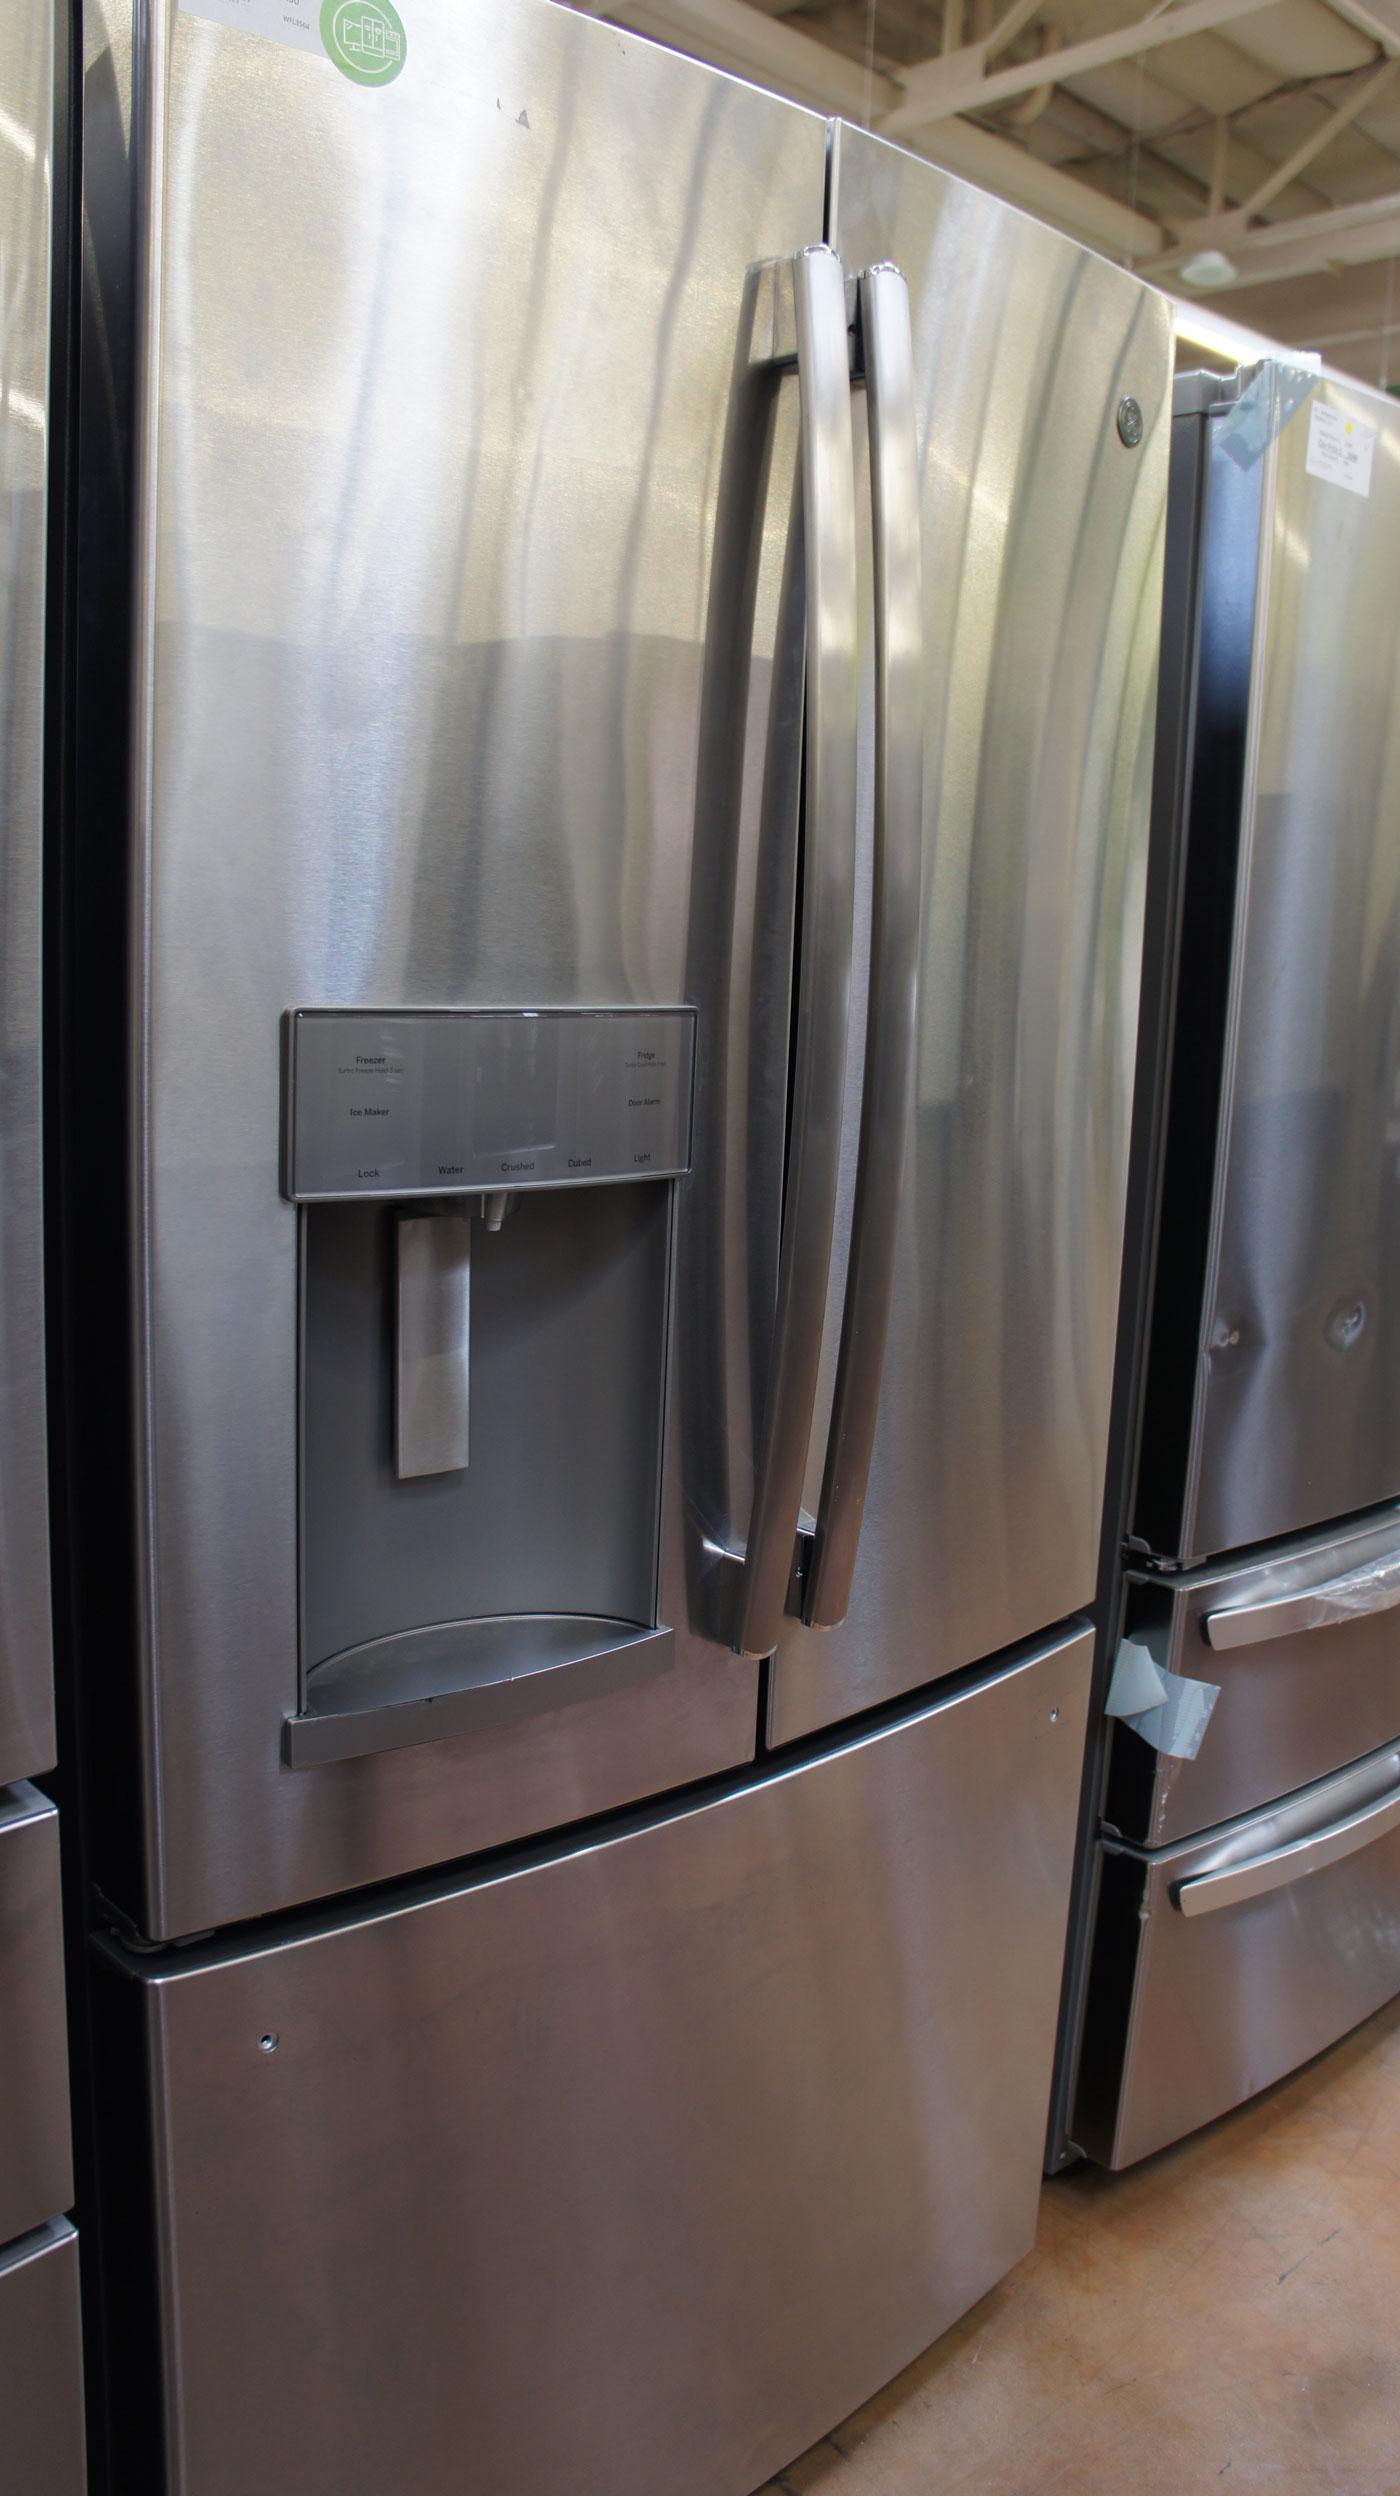 GE GFE28GSKSS French Door Refrigerator